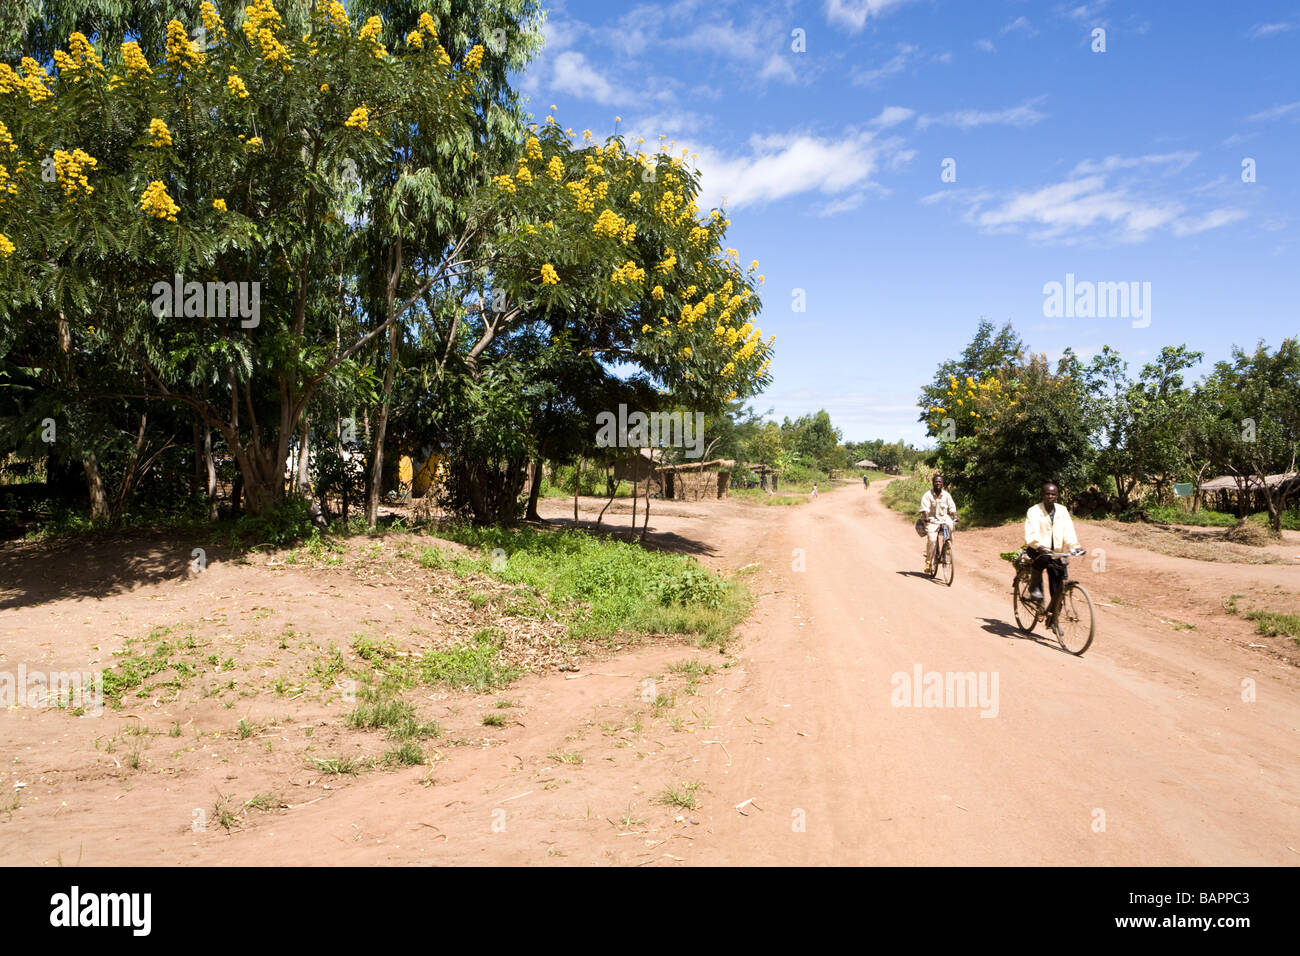 Gli alberi di acacia in fiore accanto alla pista sterrata la strada attraverso il villaggio di Nyombe, Malawi, Africa Immagini Stock